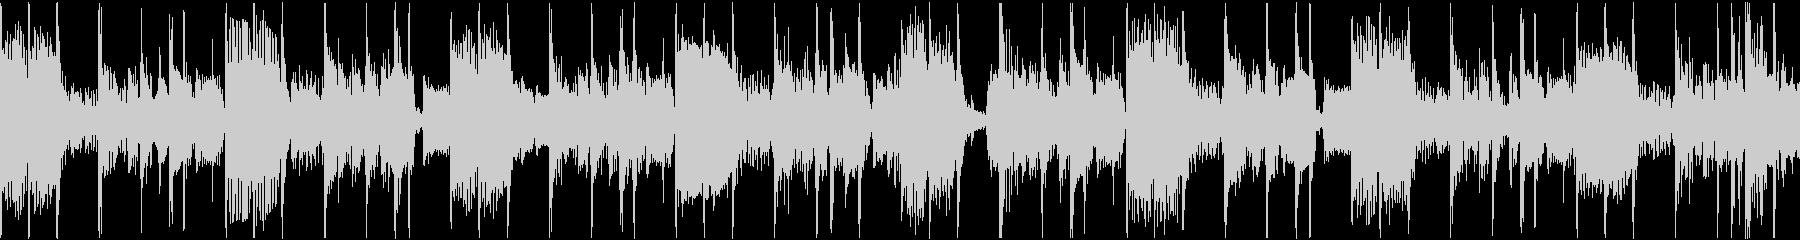 ベースがクールなファンクトラックの未再生の波形